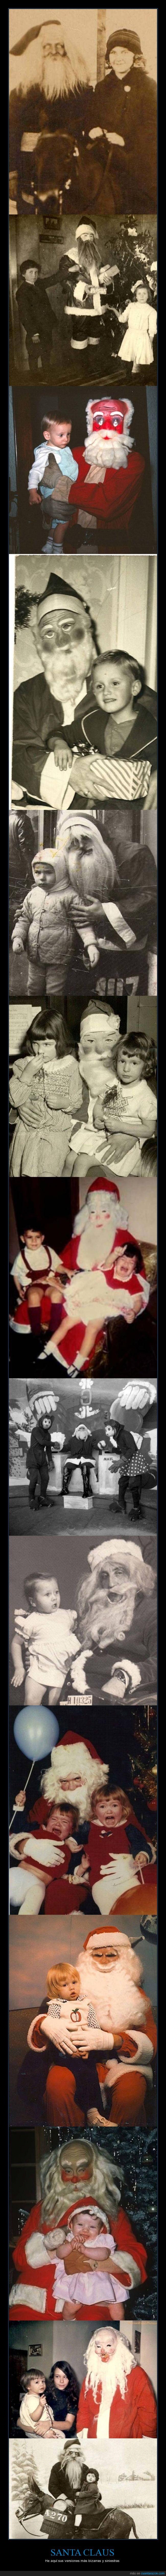 asustar,disfras,Halloween,Navidad,niños,papa noel,pertubador,santa claus,siniestro